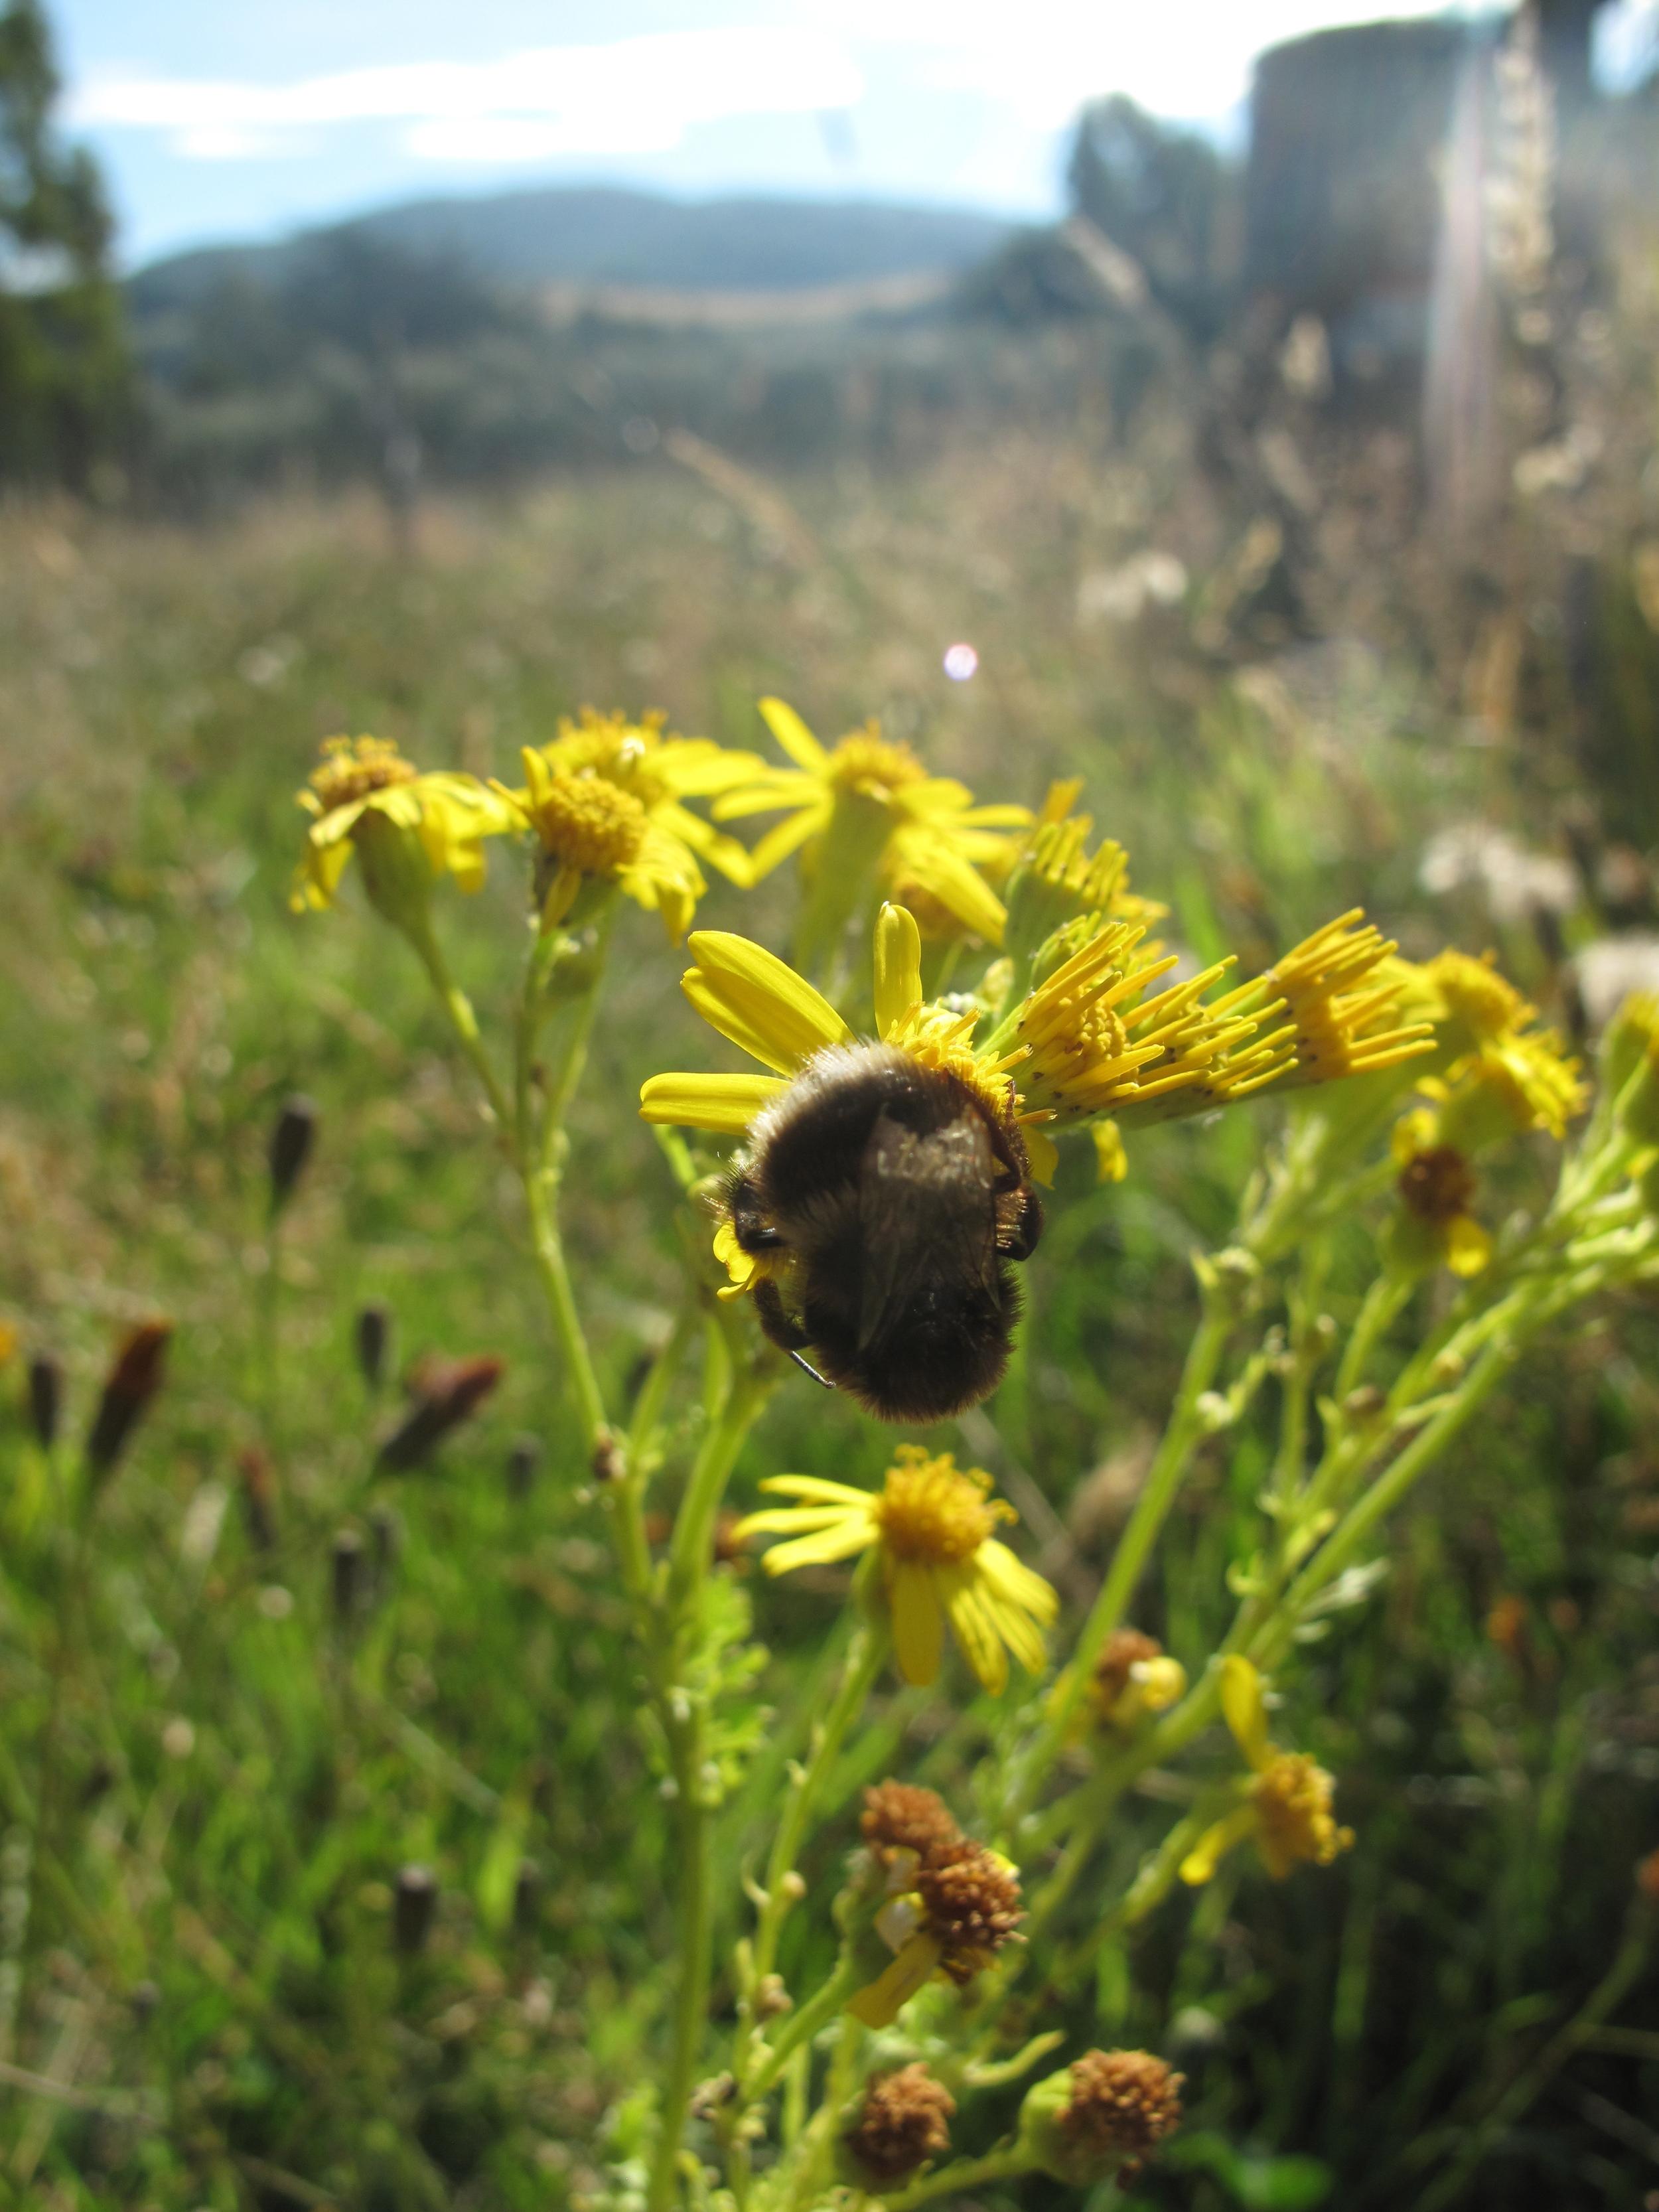 bumblebee in dandelions